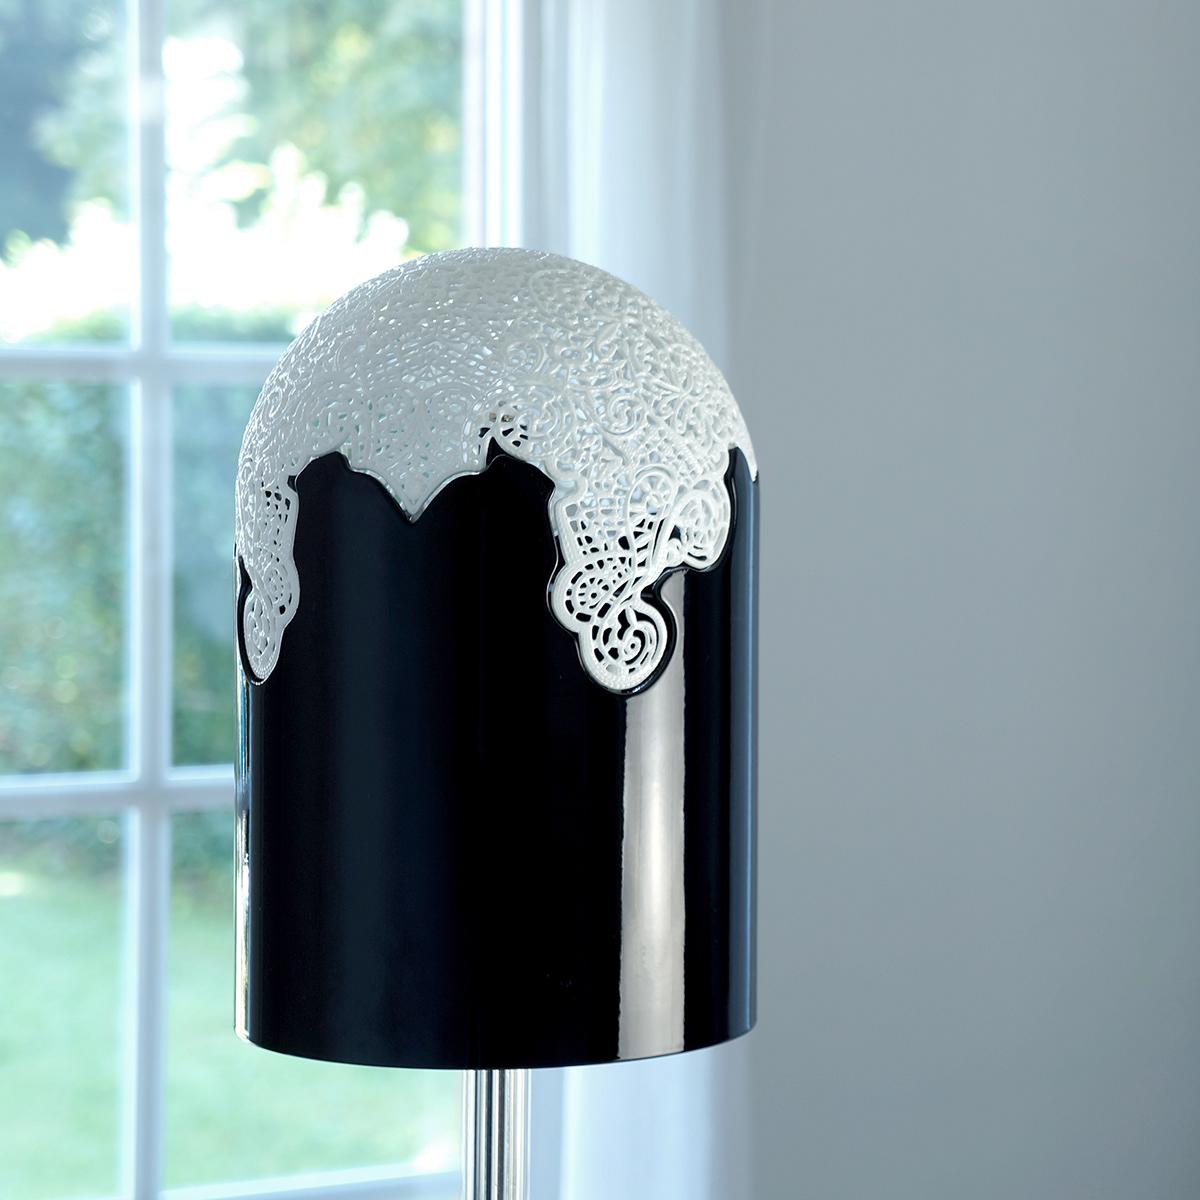 Lamp light led lace rabbit plexi cristal black projection paris design week